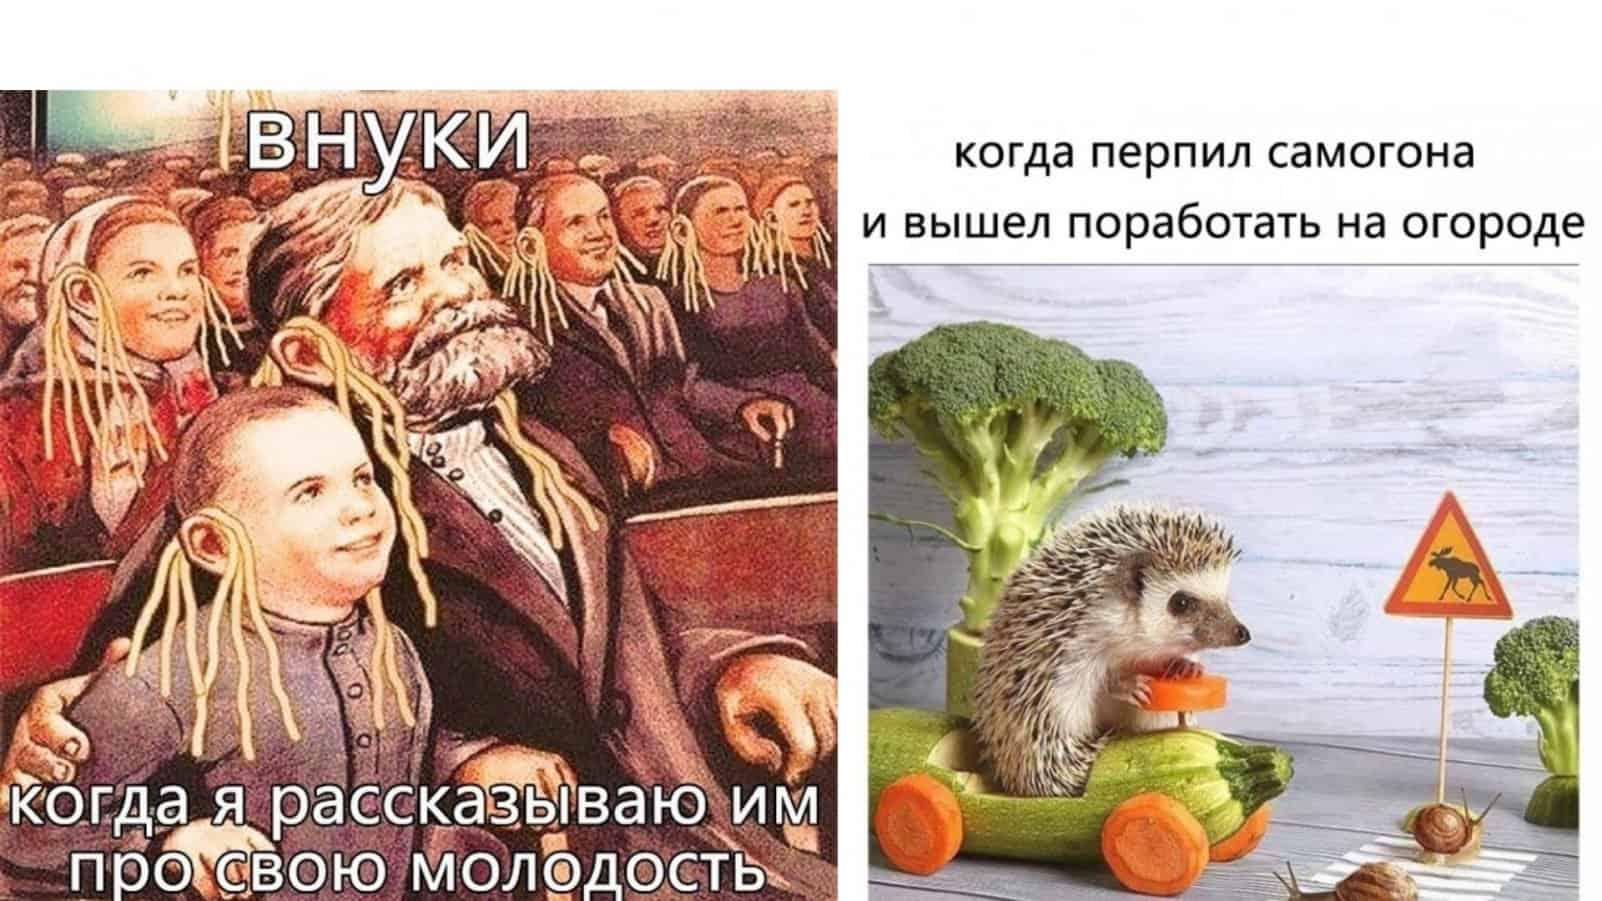 Седина в бороду, смех в лицо - коллекция пенсионерских мемов